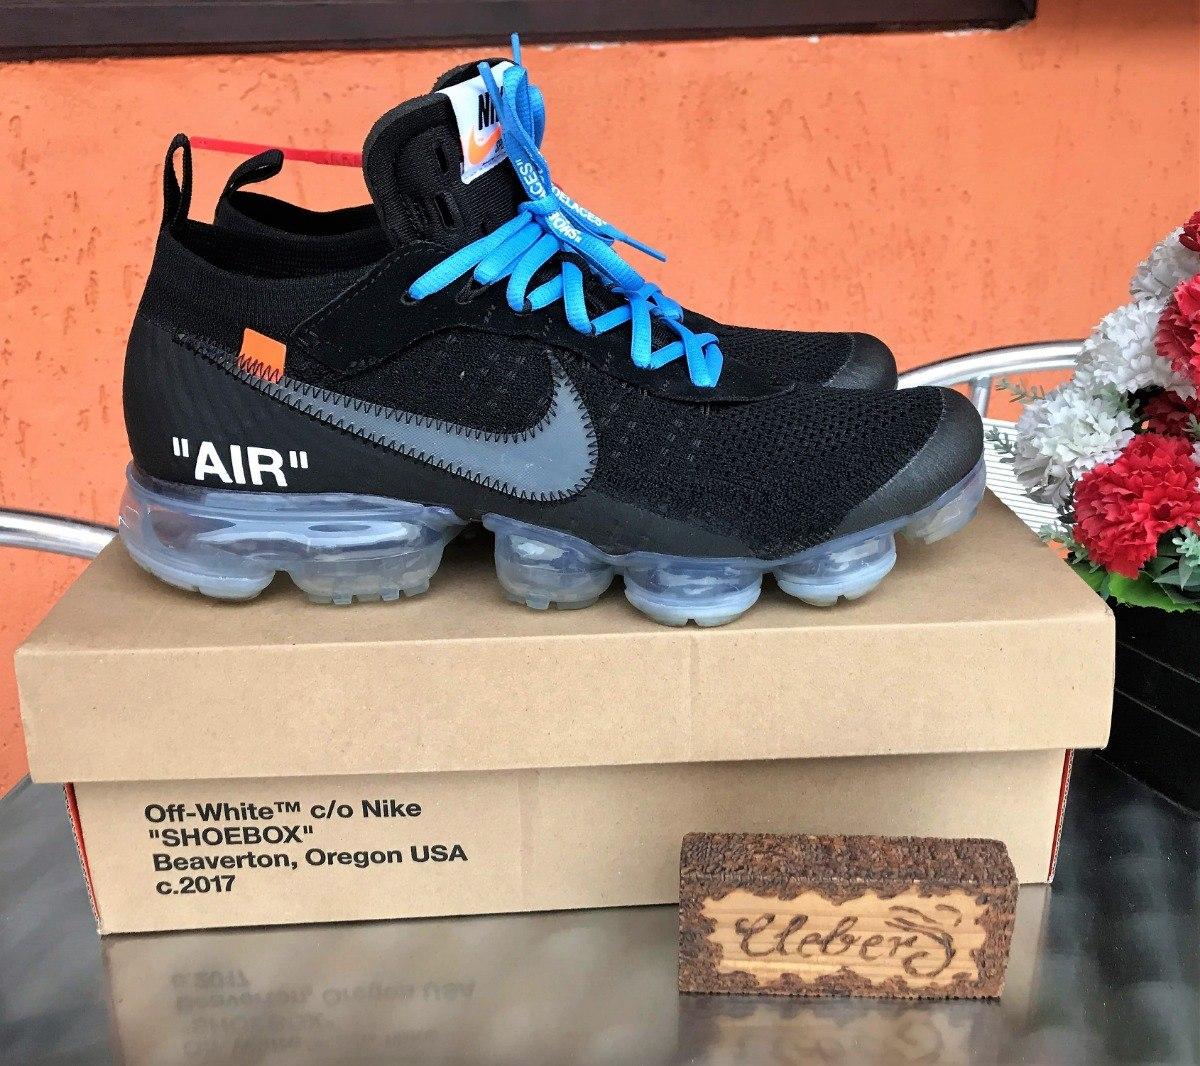 501a26cc12f tênis sneaker nike vapormax off-white tam 42 us 10 cond 9 10. Carregando  zoom.